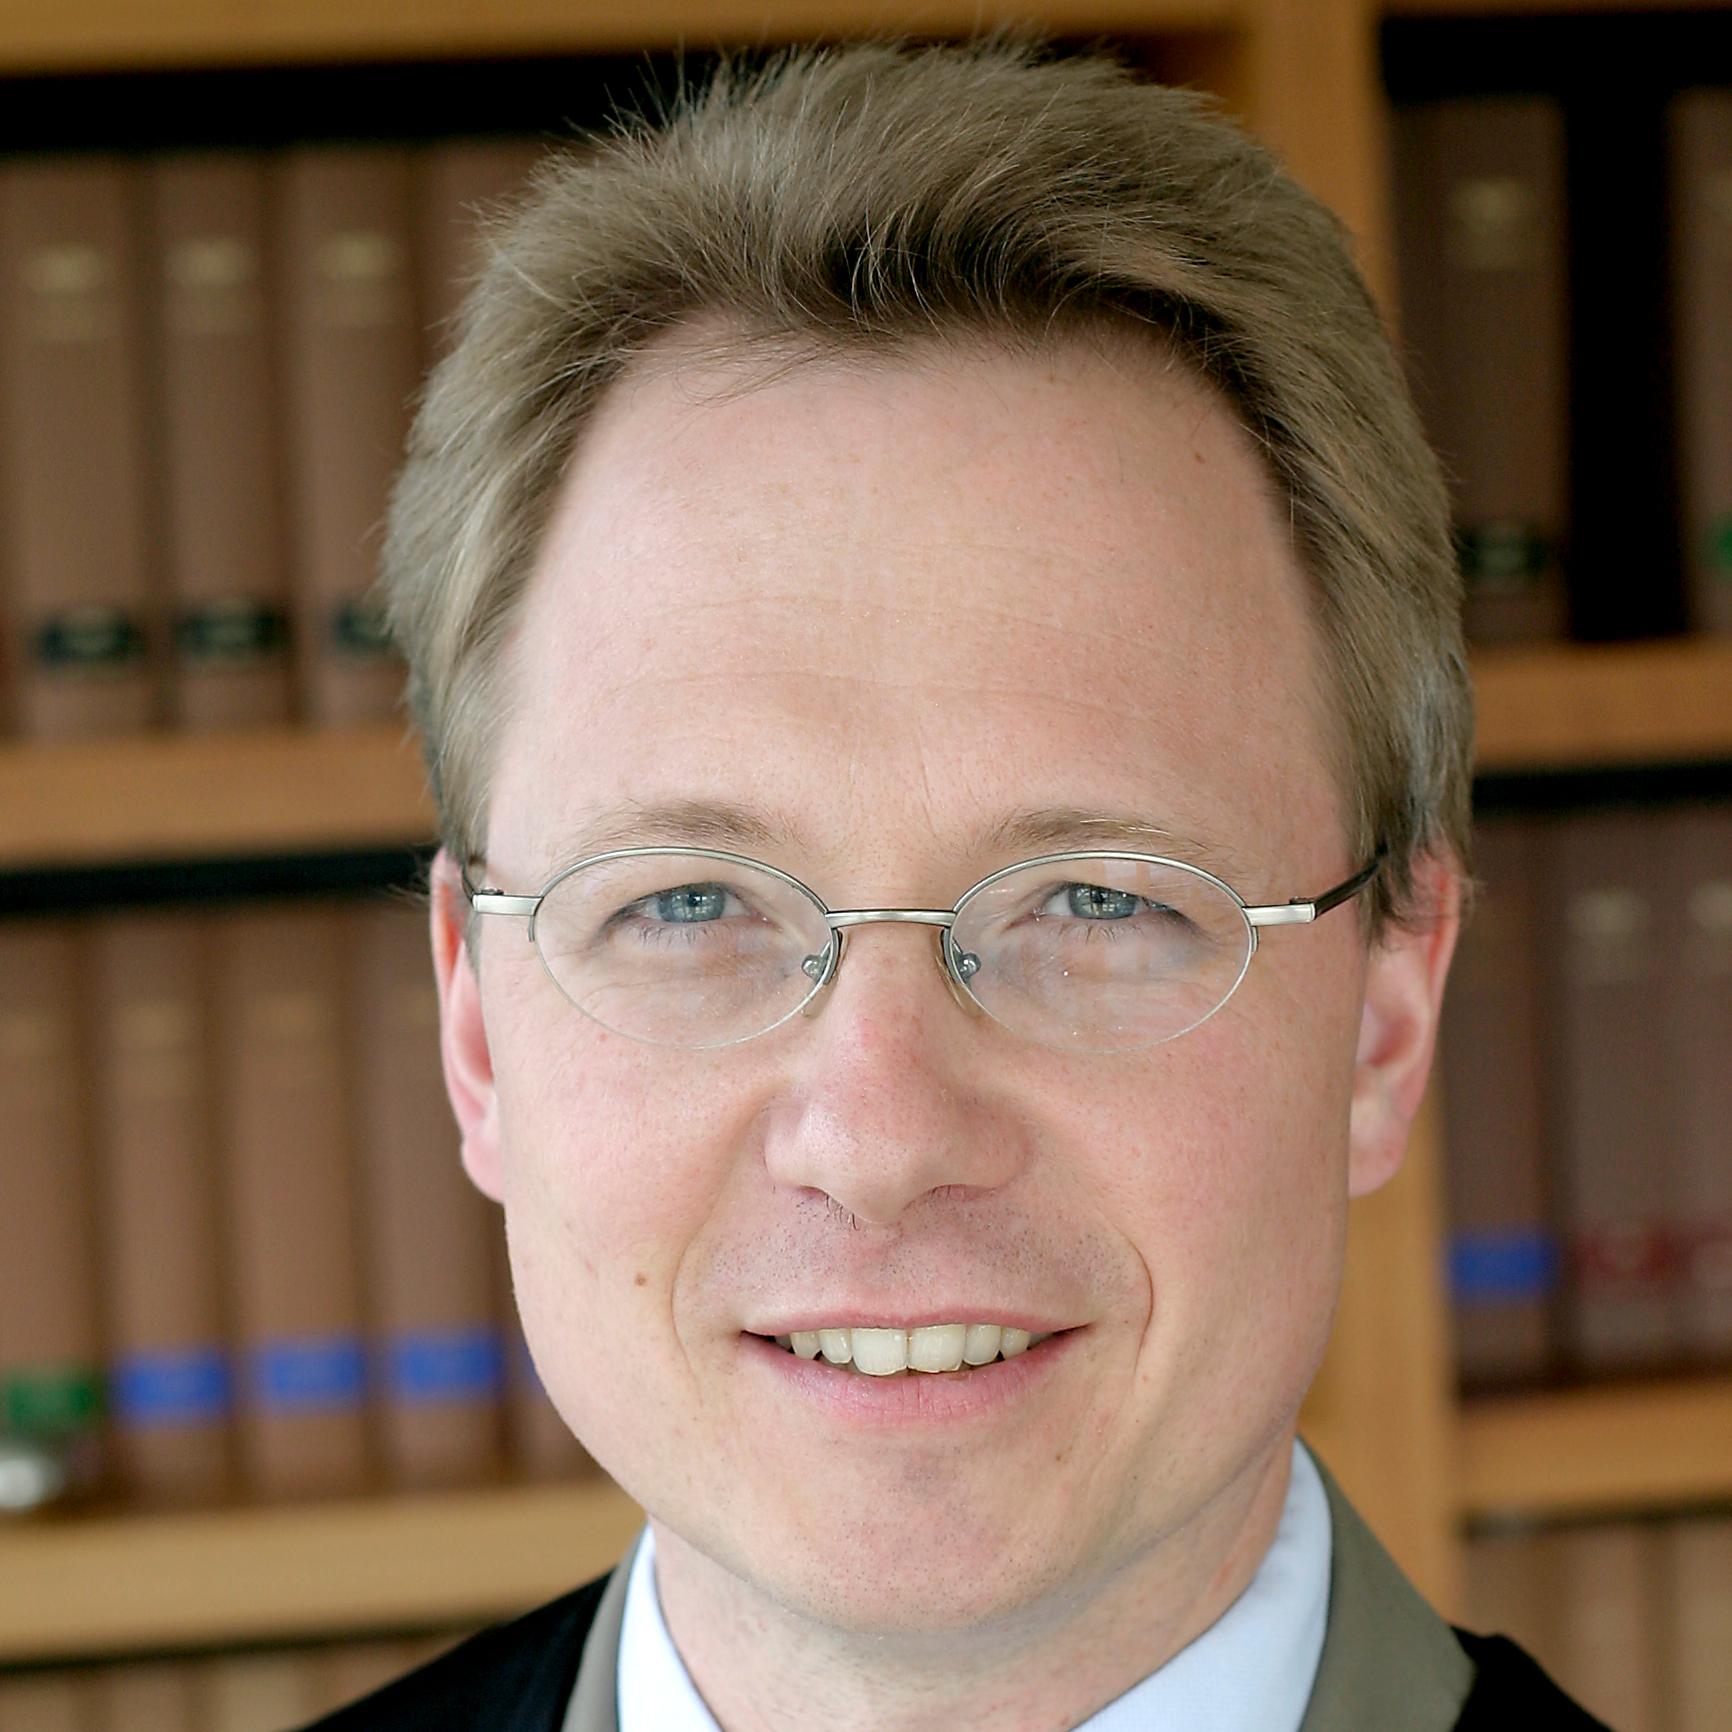 Rechtsanwalt Dr Jan Schürmann Dr Mertens Partner Gbr 22391